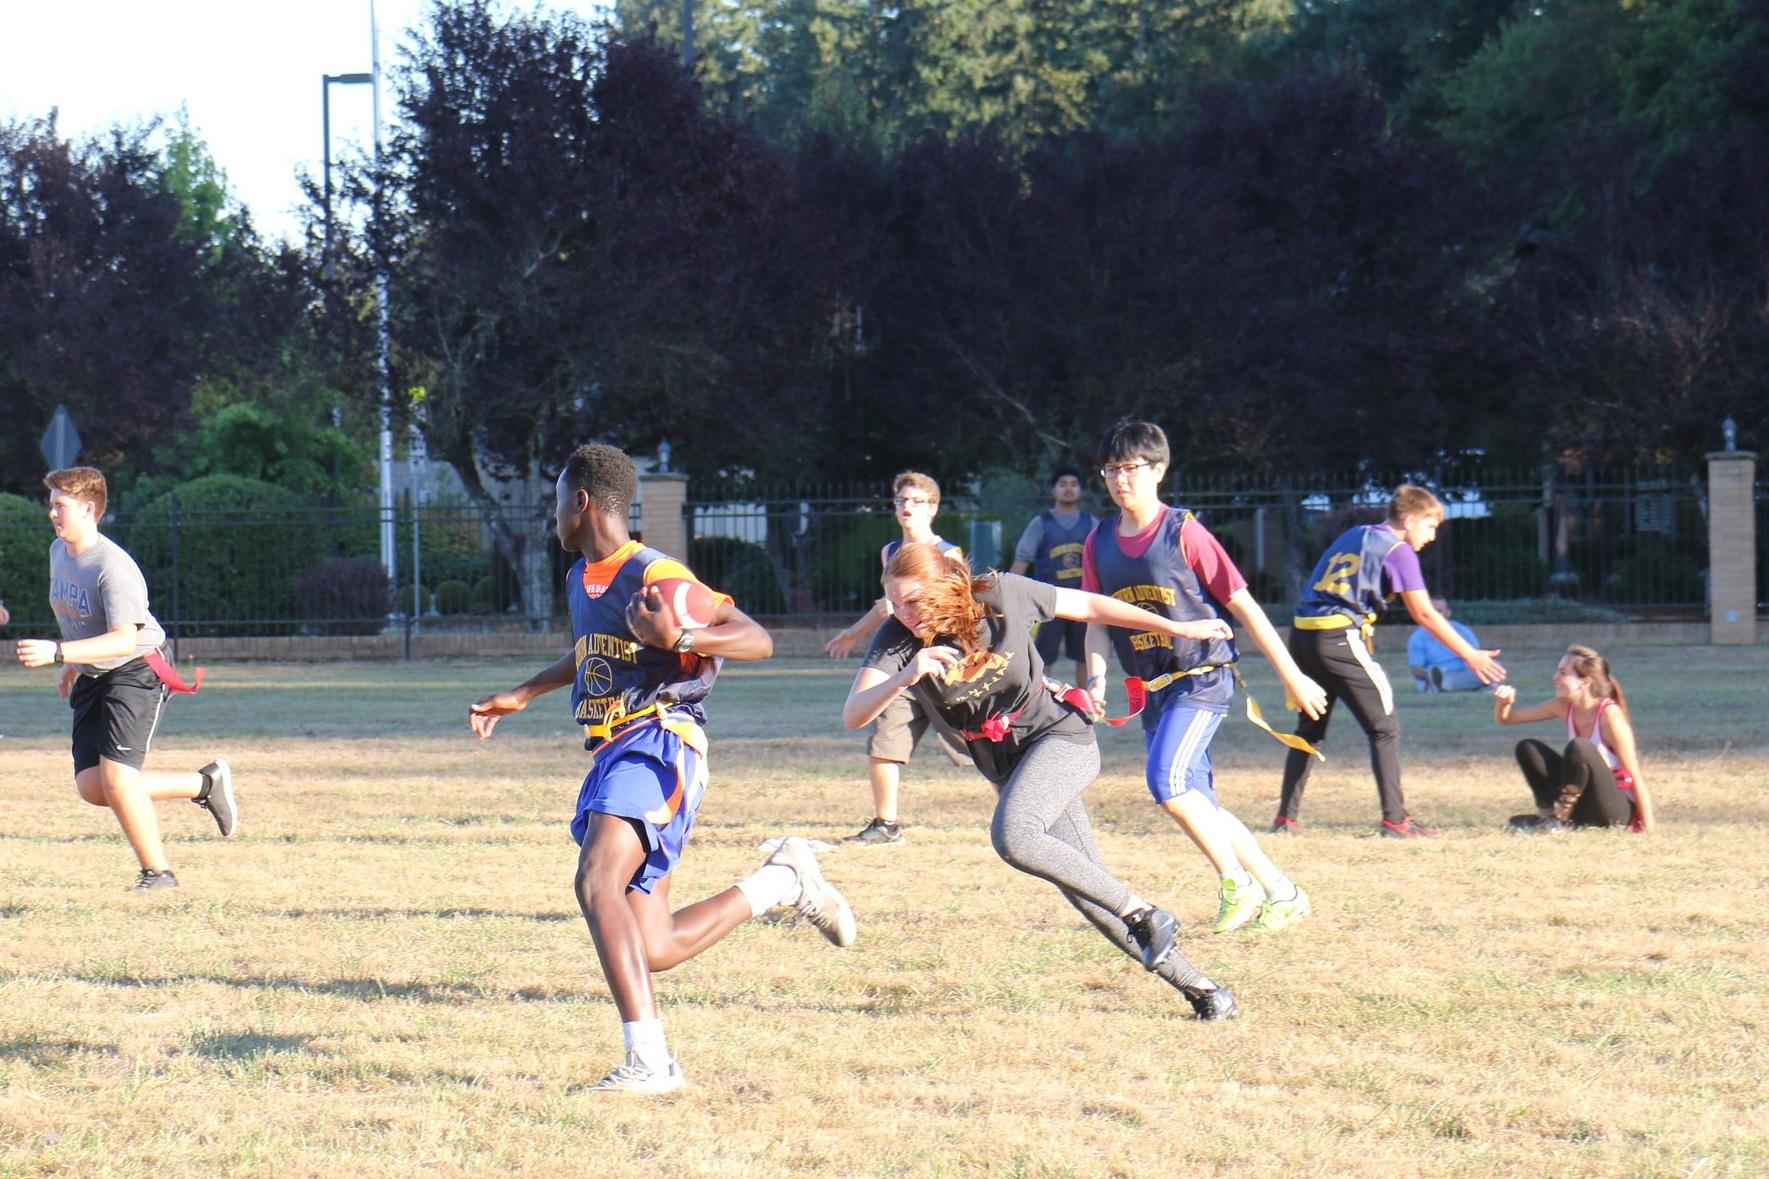 校内体育-澳门太阳集团相信给学生积极主动的机会和相互交流是非常重要的. 澳门太阳集团的校内体育项目全年进行,并对所有学生开放. 下面是澳门太阳集团会学院提供的一些最受欢迎的校内运动:旗帜足球、极限飞盘、排球、地板曲棍球、篮球、躲避球